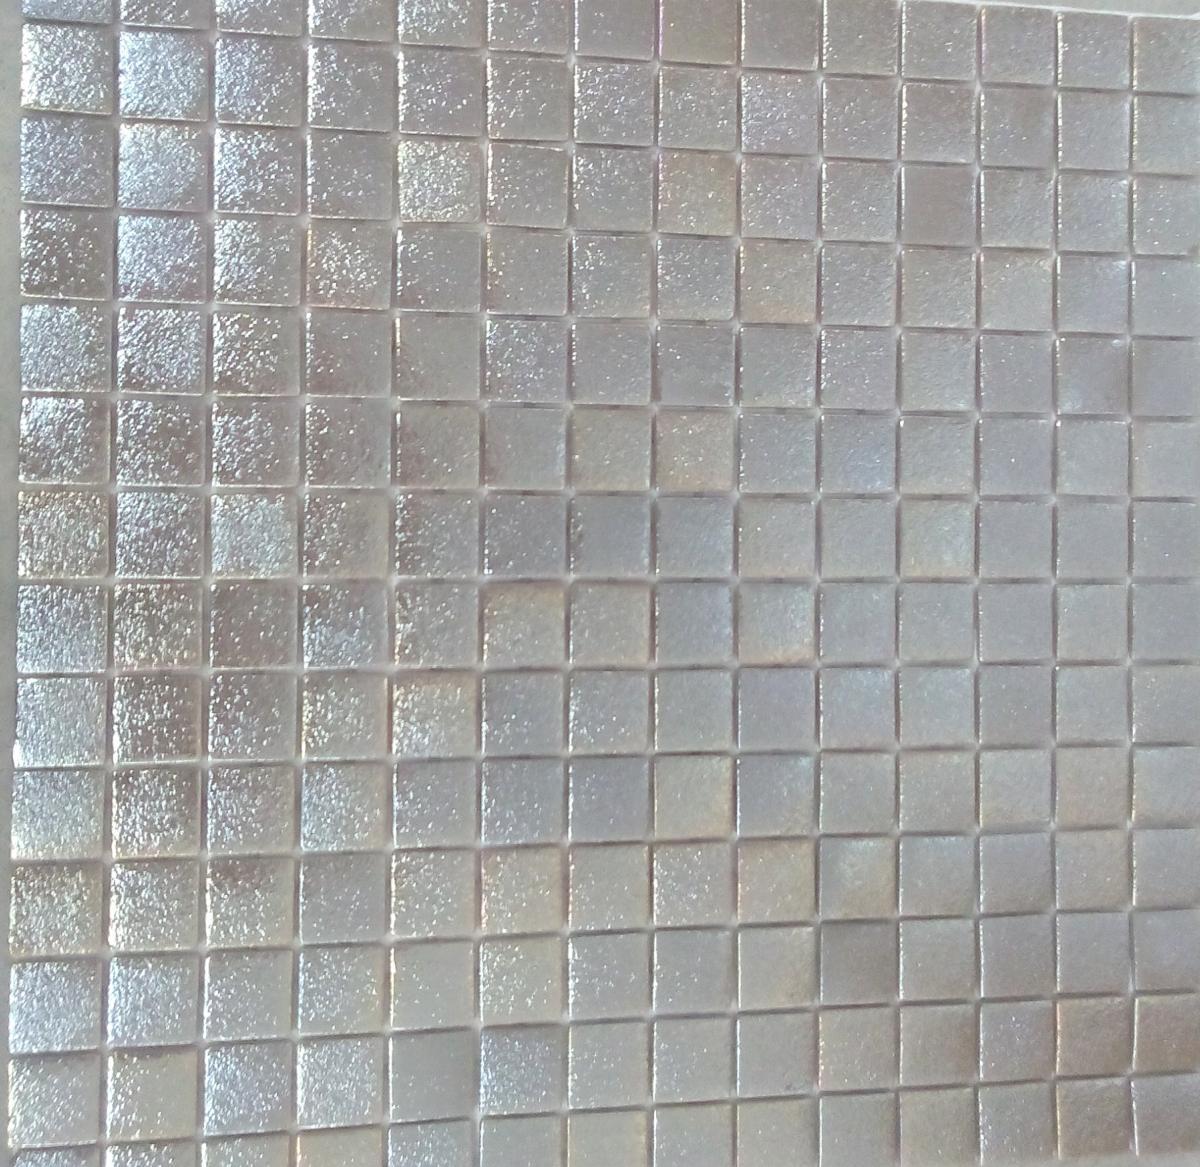 Mosaïque pâte de verre carré gris argent plaque - Achat de mosaïque ...